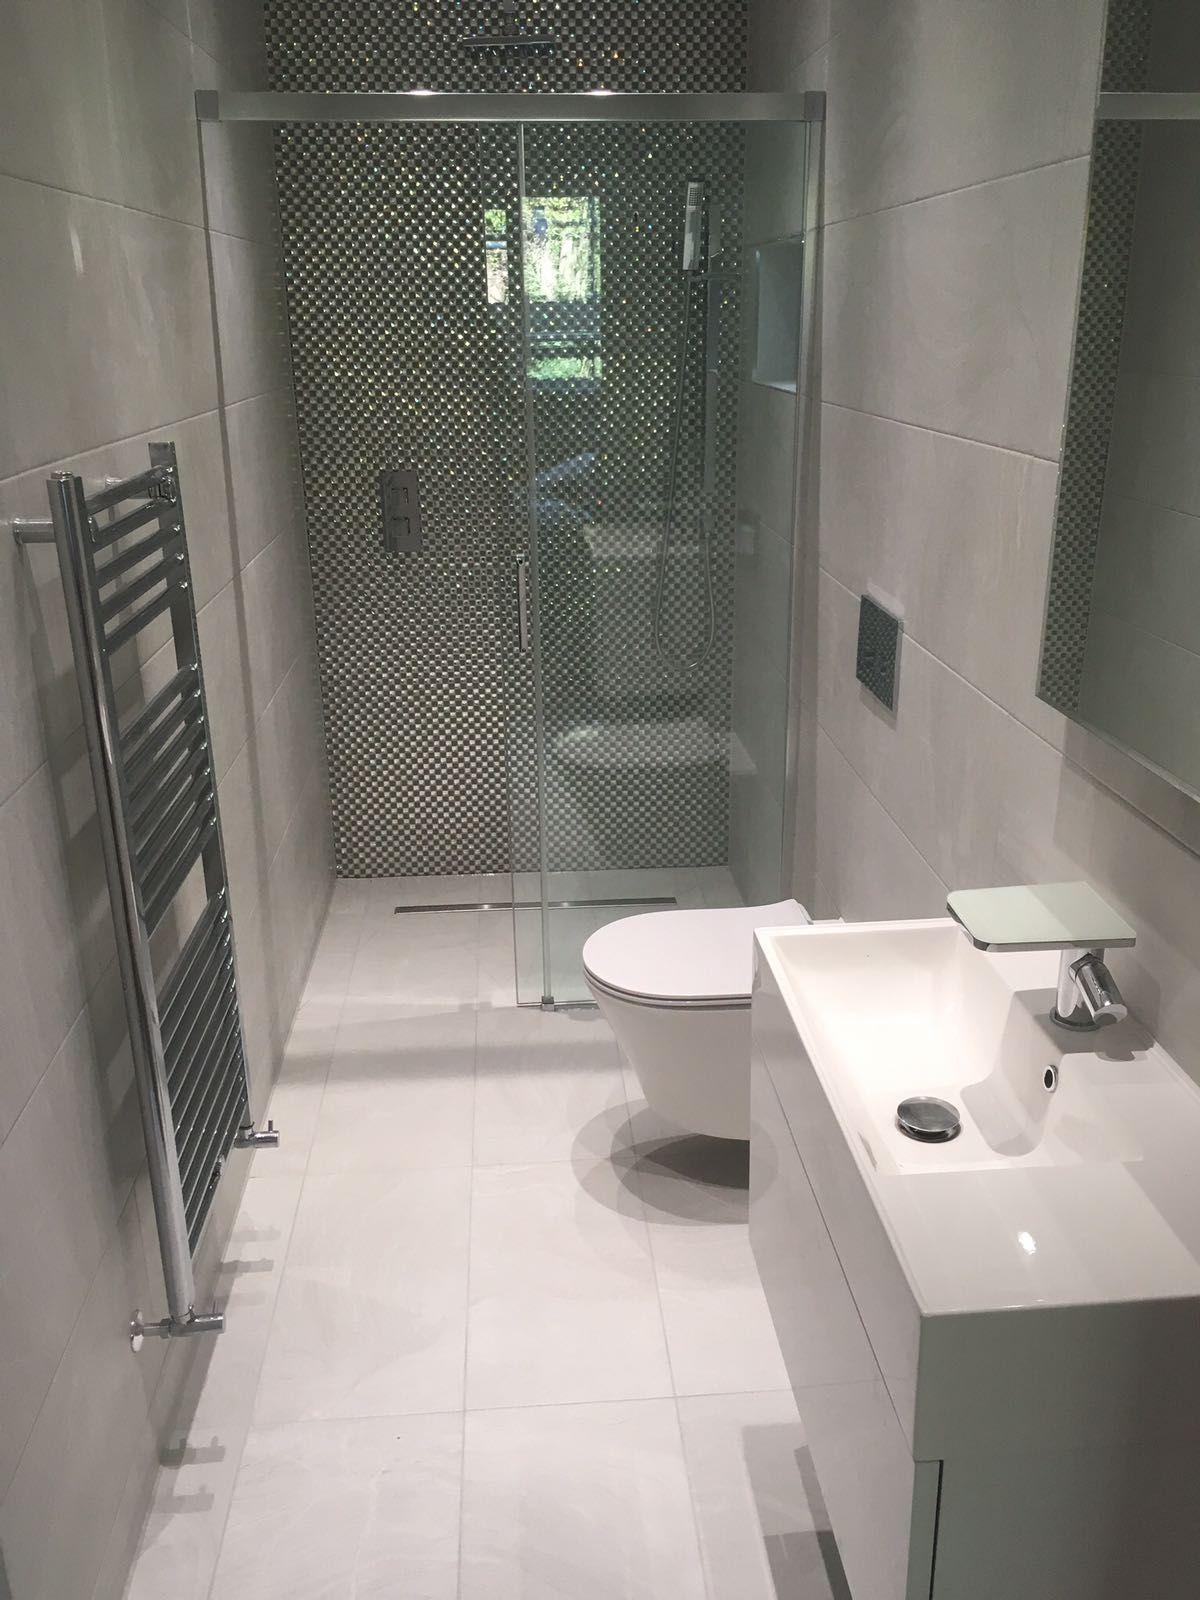 Luxury Bathrooms At Affordable Prices In Loughton Essex Luxury Bathrooms At Affordable Prices In Loughton Essex Affordable Badezimmer Einrichtung Badezimmer Innenausstattung Und Modernes Badezimmerdesign